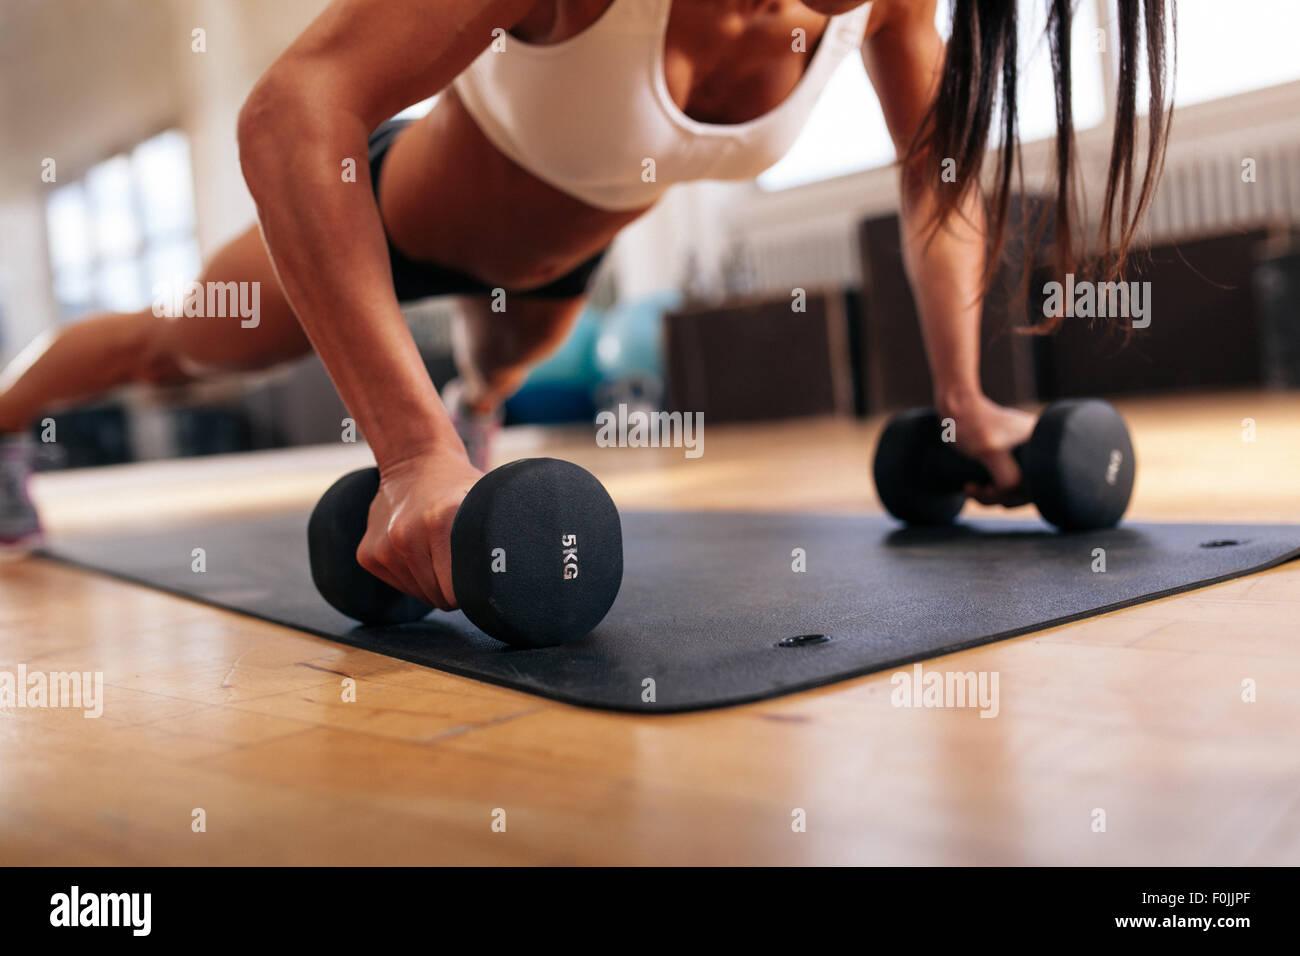 Schuss der muskulöse Frau macht Liegestütze auf Hanteln beschnitten. Weibchen auf Fitness-Matte im Fitnessraum Stockbild